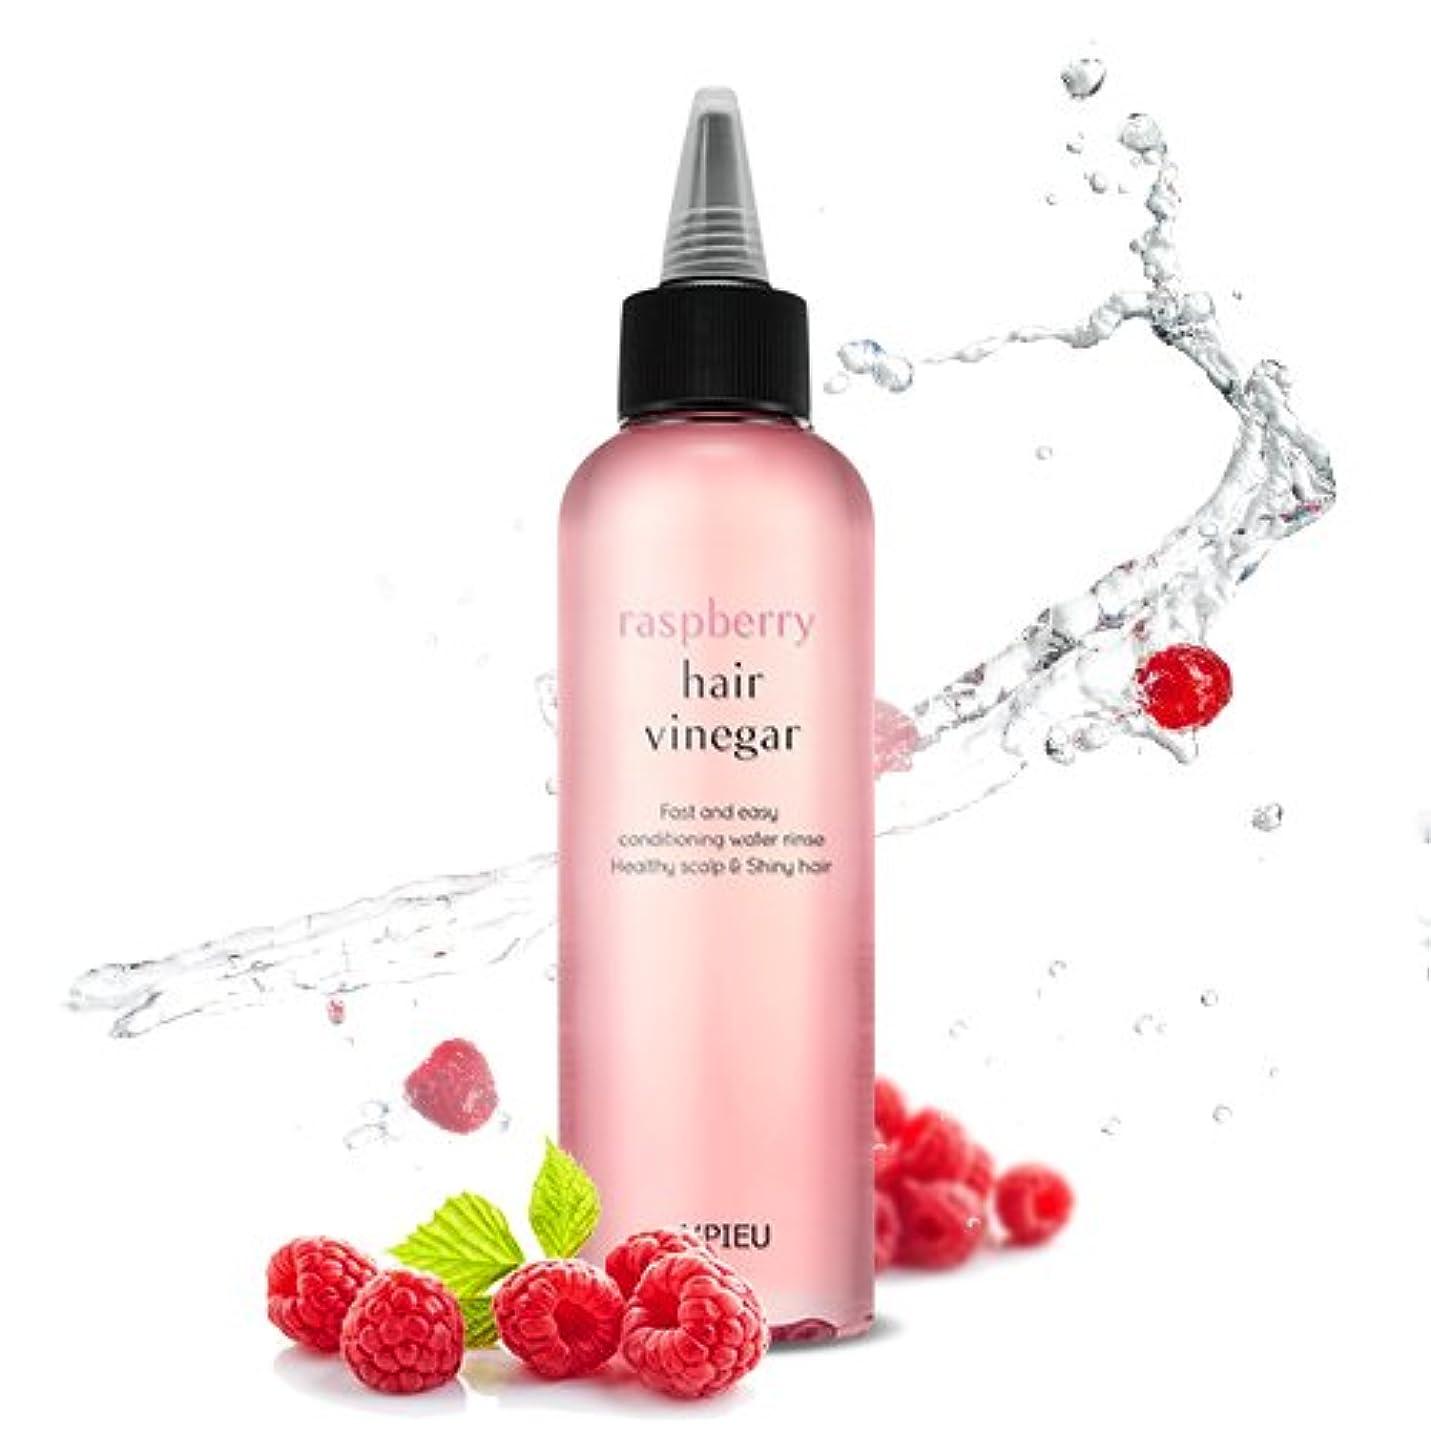 一次変動するバルーンAPIEU Raspberry Hair Vinegar / [アピュ/オピュ] ラズベリーヘアビネガー 200ml [並行輸入品]